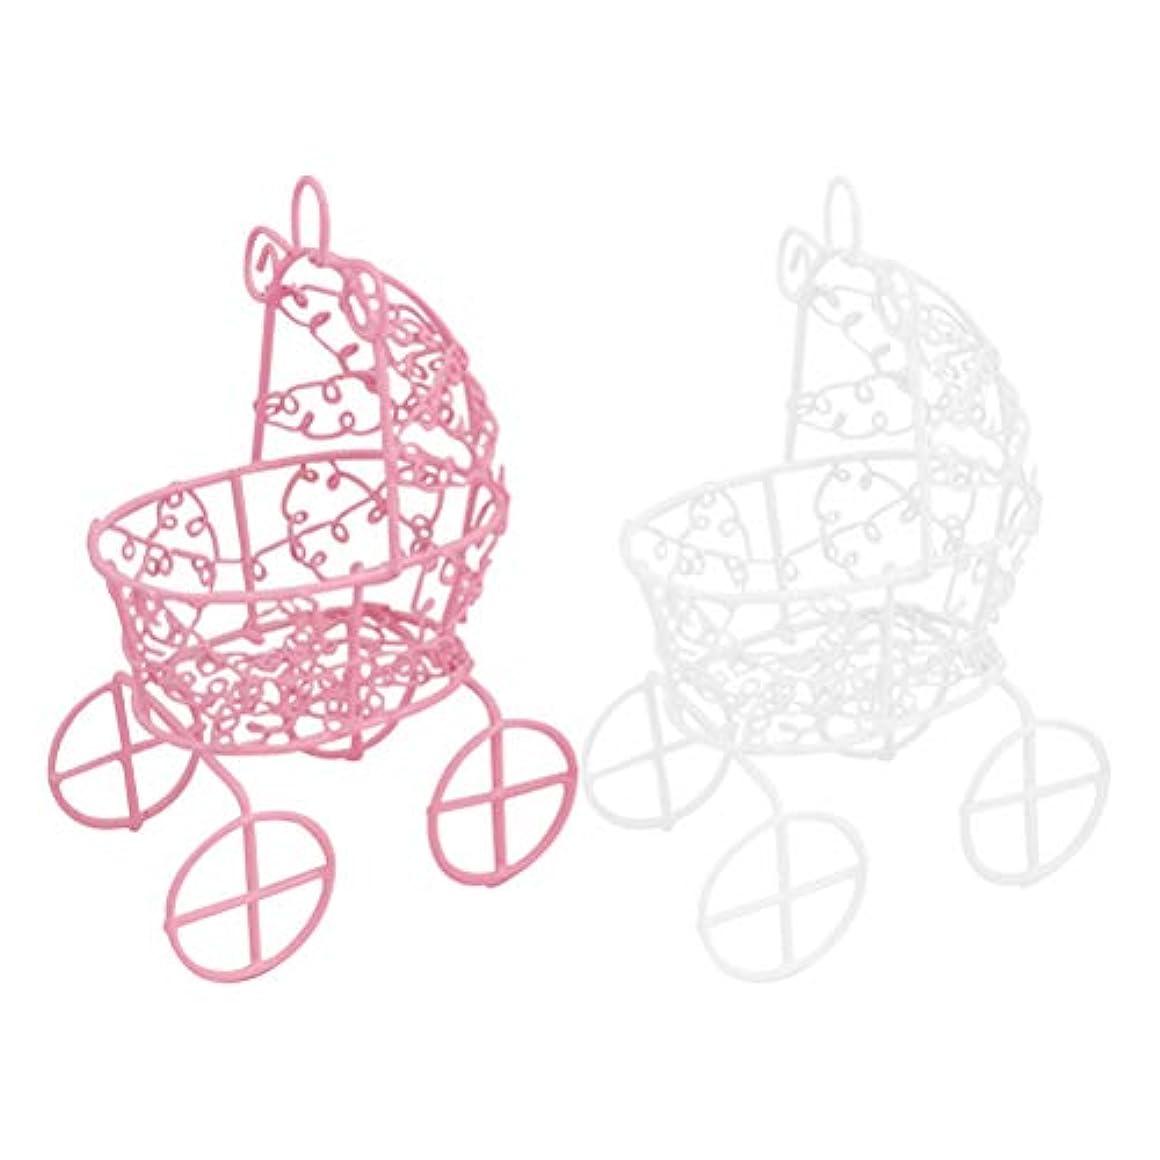 倫理的砲兵汗Frcolor メイクスポンジスタンド パフホルダー パフ乾燥用スタンド 化粧用パフ收納 カビ防止 小型軽量 2色セット(ピンク+ホワイト)